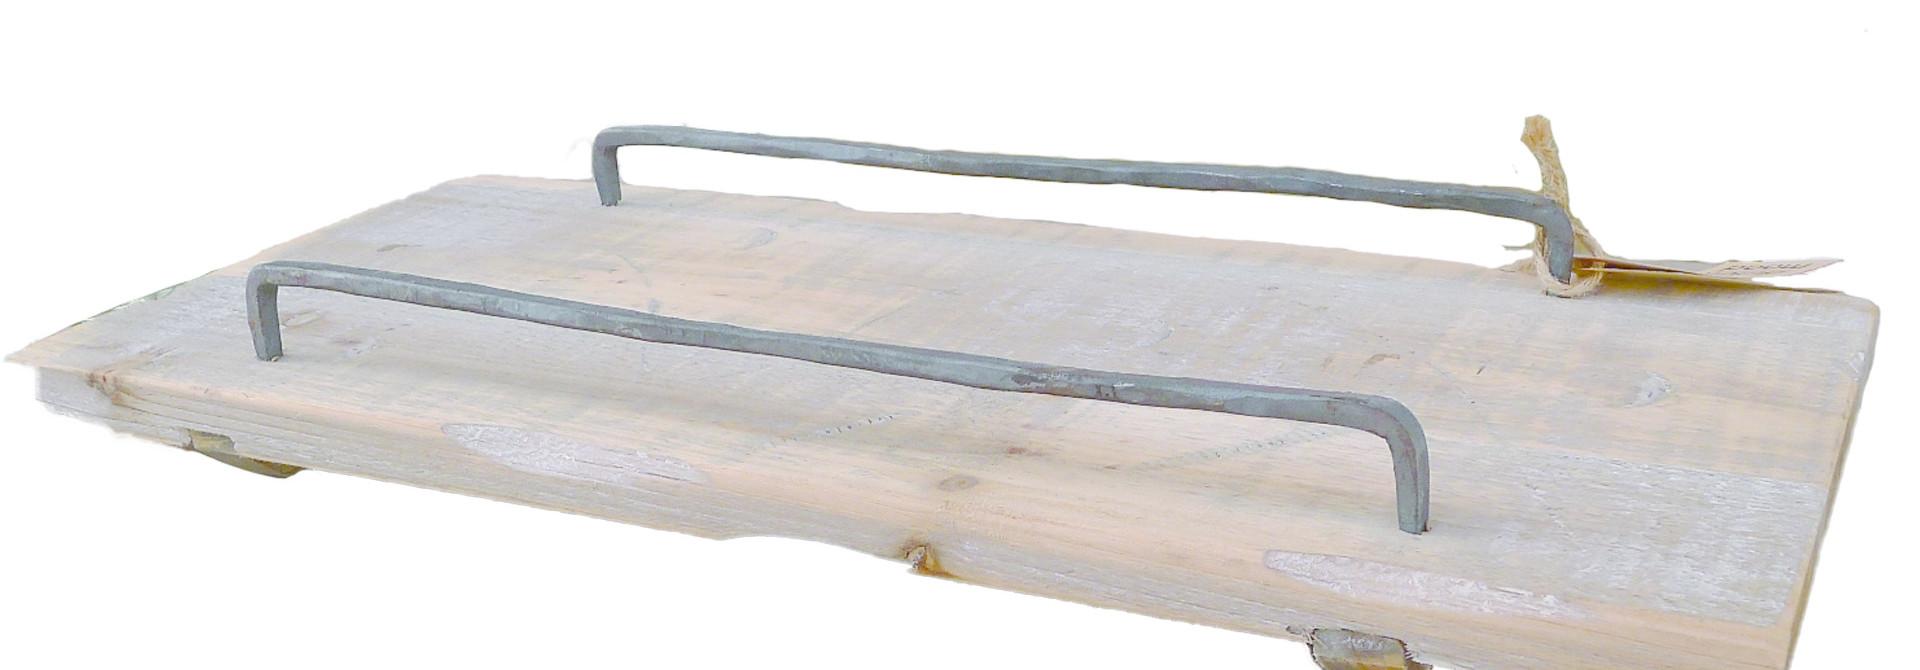 tray old dutchmet vert 48